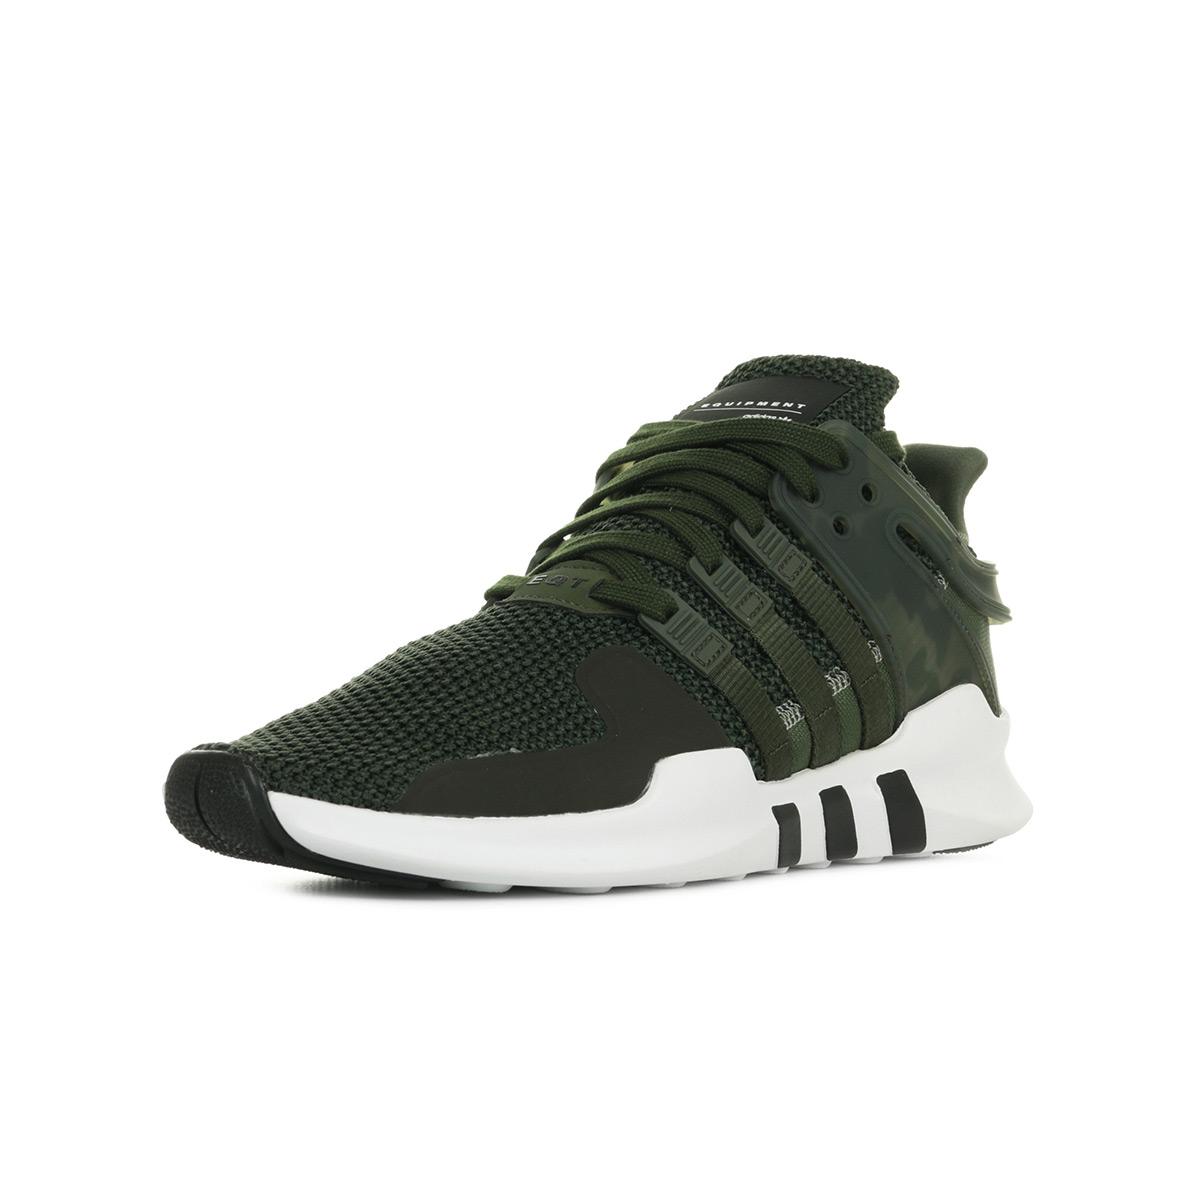 Femme Adidas Originals NMD R1 Runner NoirBlanc Chaussures C0089